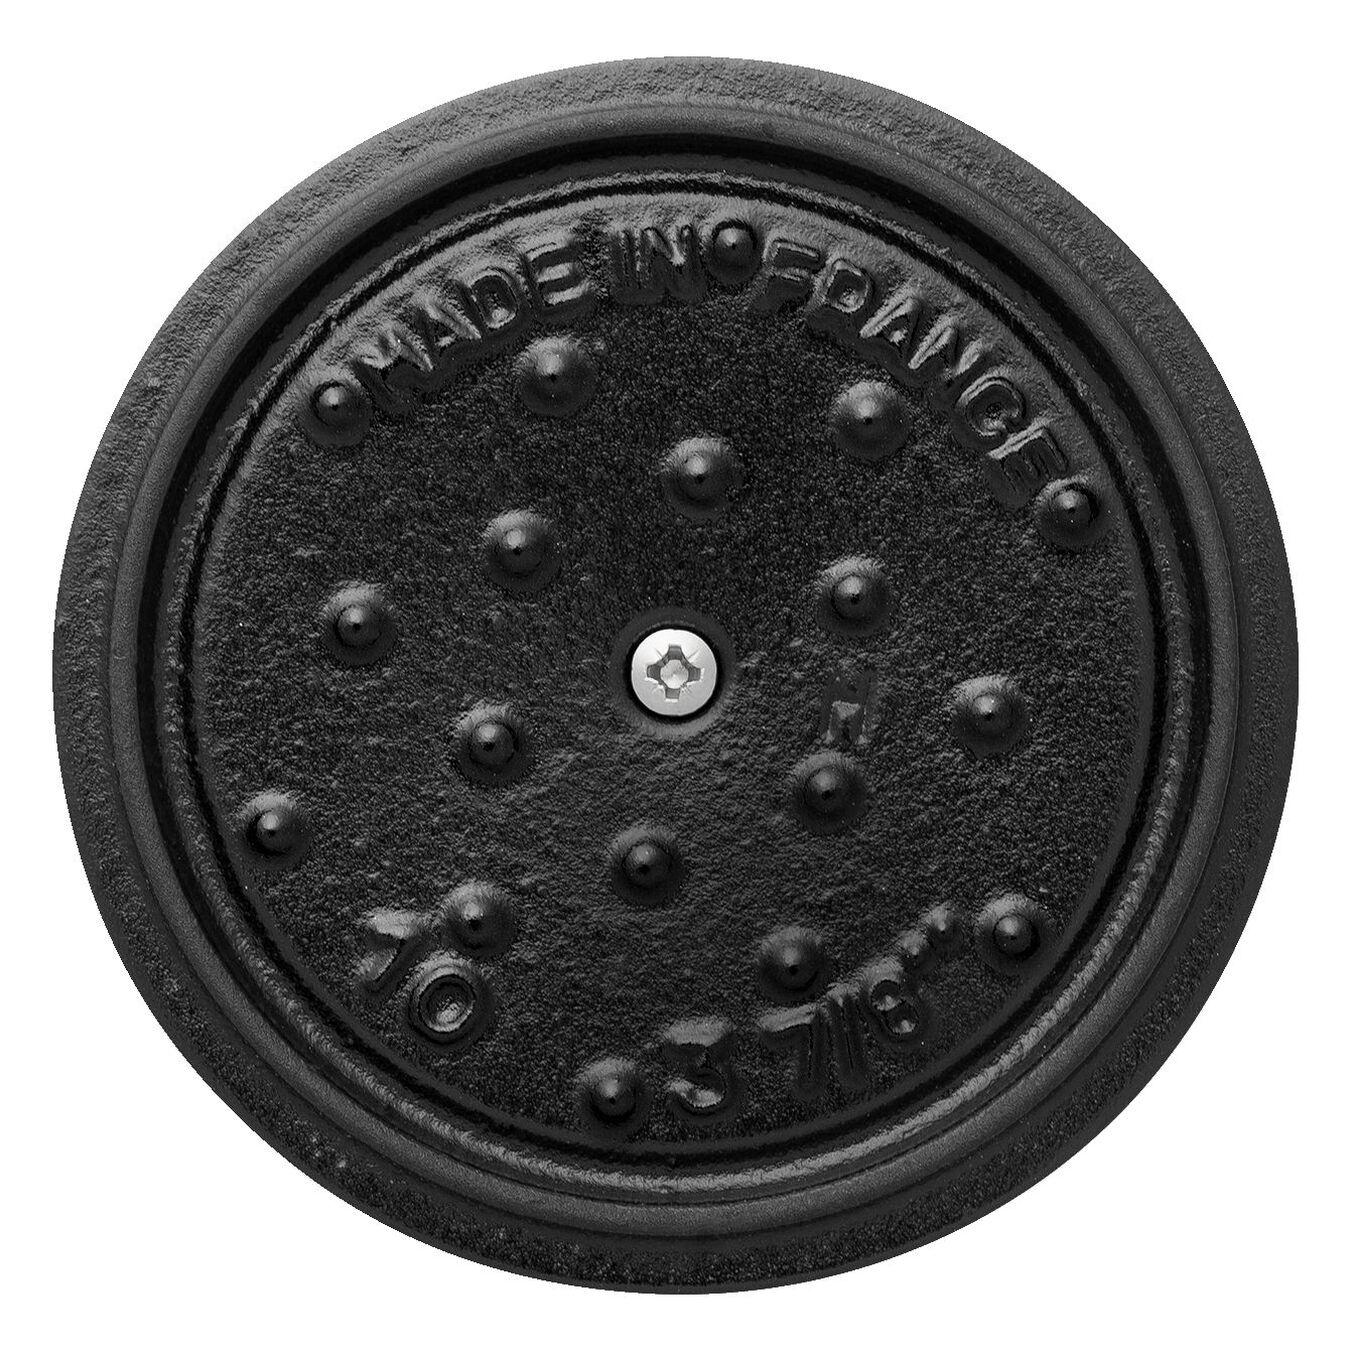 Mini Cocotte 10 cm, rund, Bordeaux, Gusseisen,,large 6